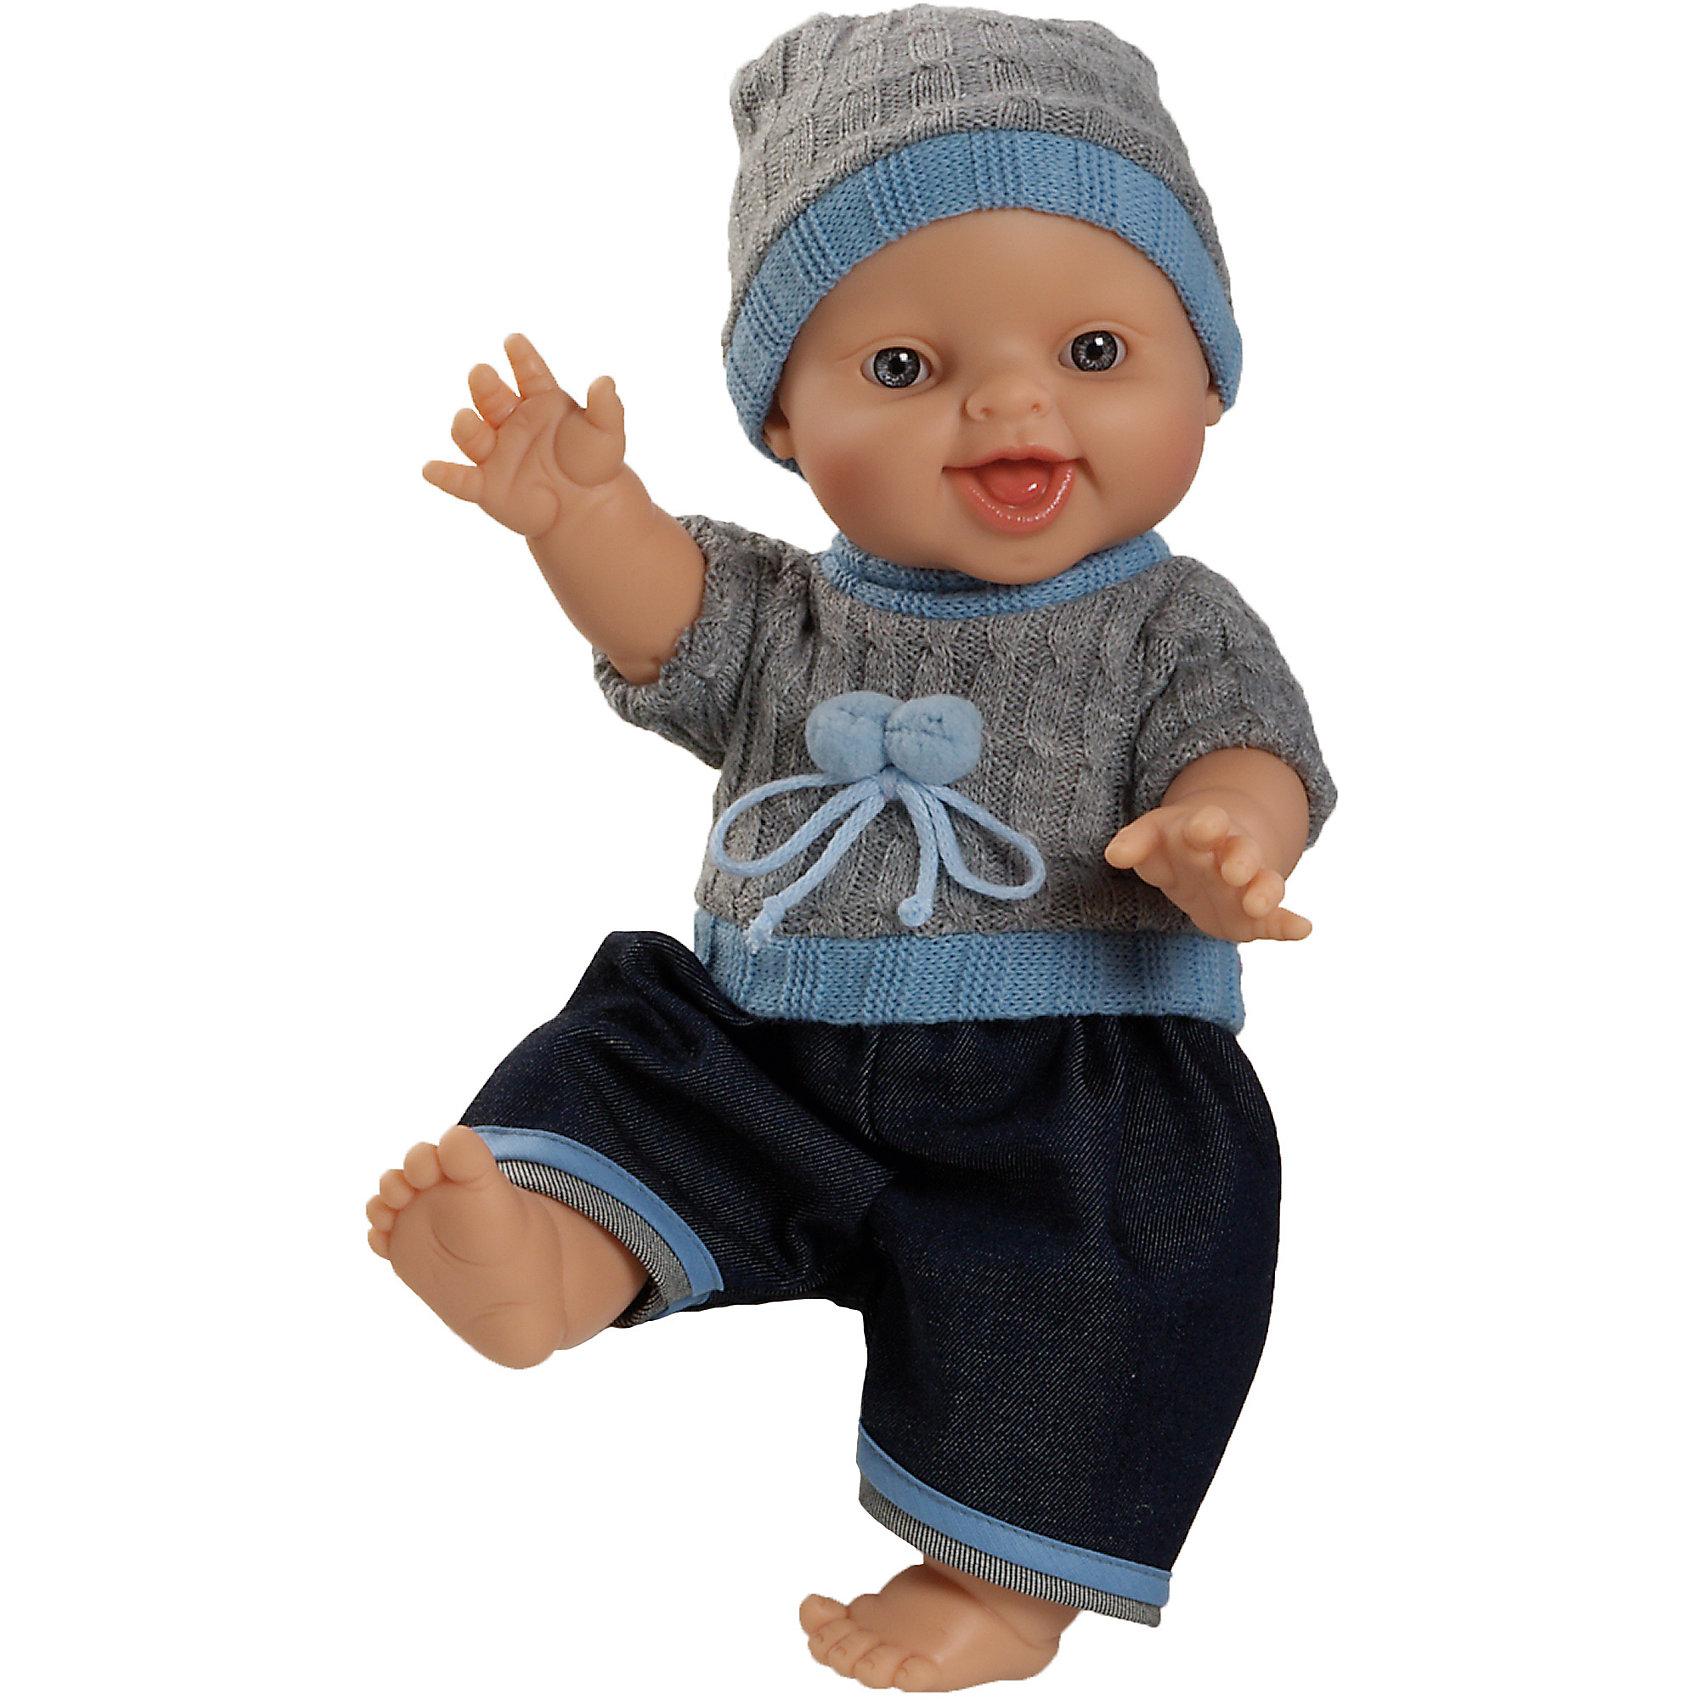 Кукла Горди Бруно,34 см (мальчик)Классические куклы<br>Куклы Паола Рейна  имеют нежный ванильный аромат, одеты в модную яркую одежду с аксессуарами. Выразительная мимика, уникальный и неповторимый дизайн лица и тела.<br>Качество подтверждено нормами безопасности EN17 ЕЭС. <br>Материалы: кукла изготовлена из винила; глаза выполнены в виде кристалла из прозрачного твердого пластика; волосы сделаны из высококачественного нейлона.<br><br>Ширина мм: 18<br>Глубина мм: 20<br>Высота мм: 31<br>Вес г: 750<br>Возраст от месяцев: 36<br>Возраст до месяцев: 144<br>Пол: Женский<br>Возраст: Детский<br>SKU: 4859657